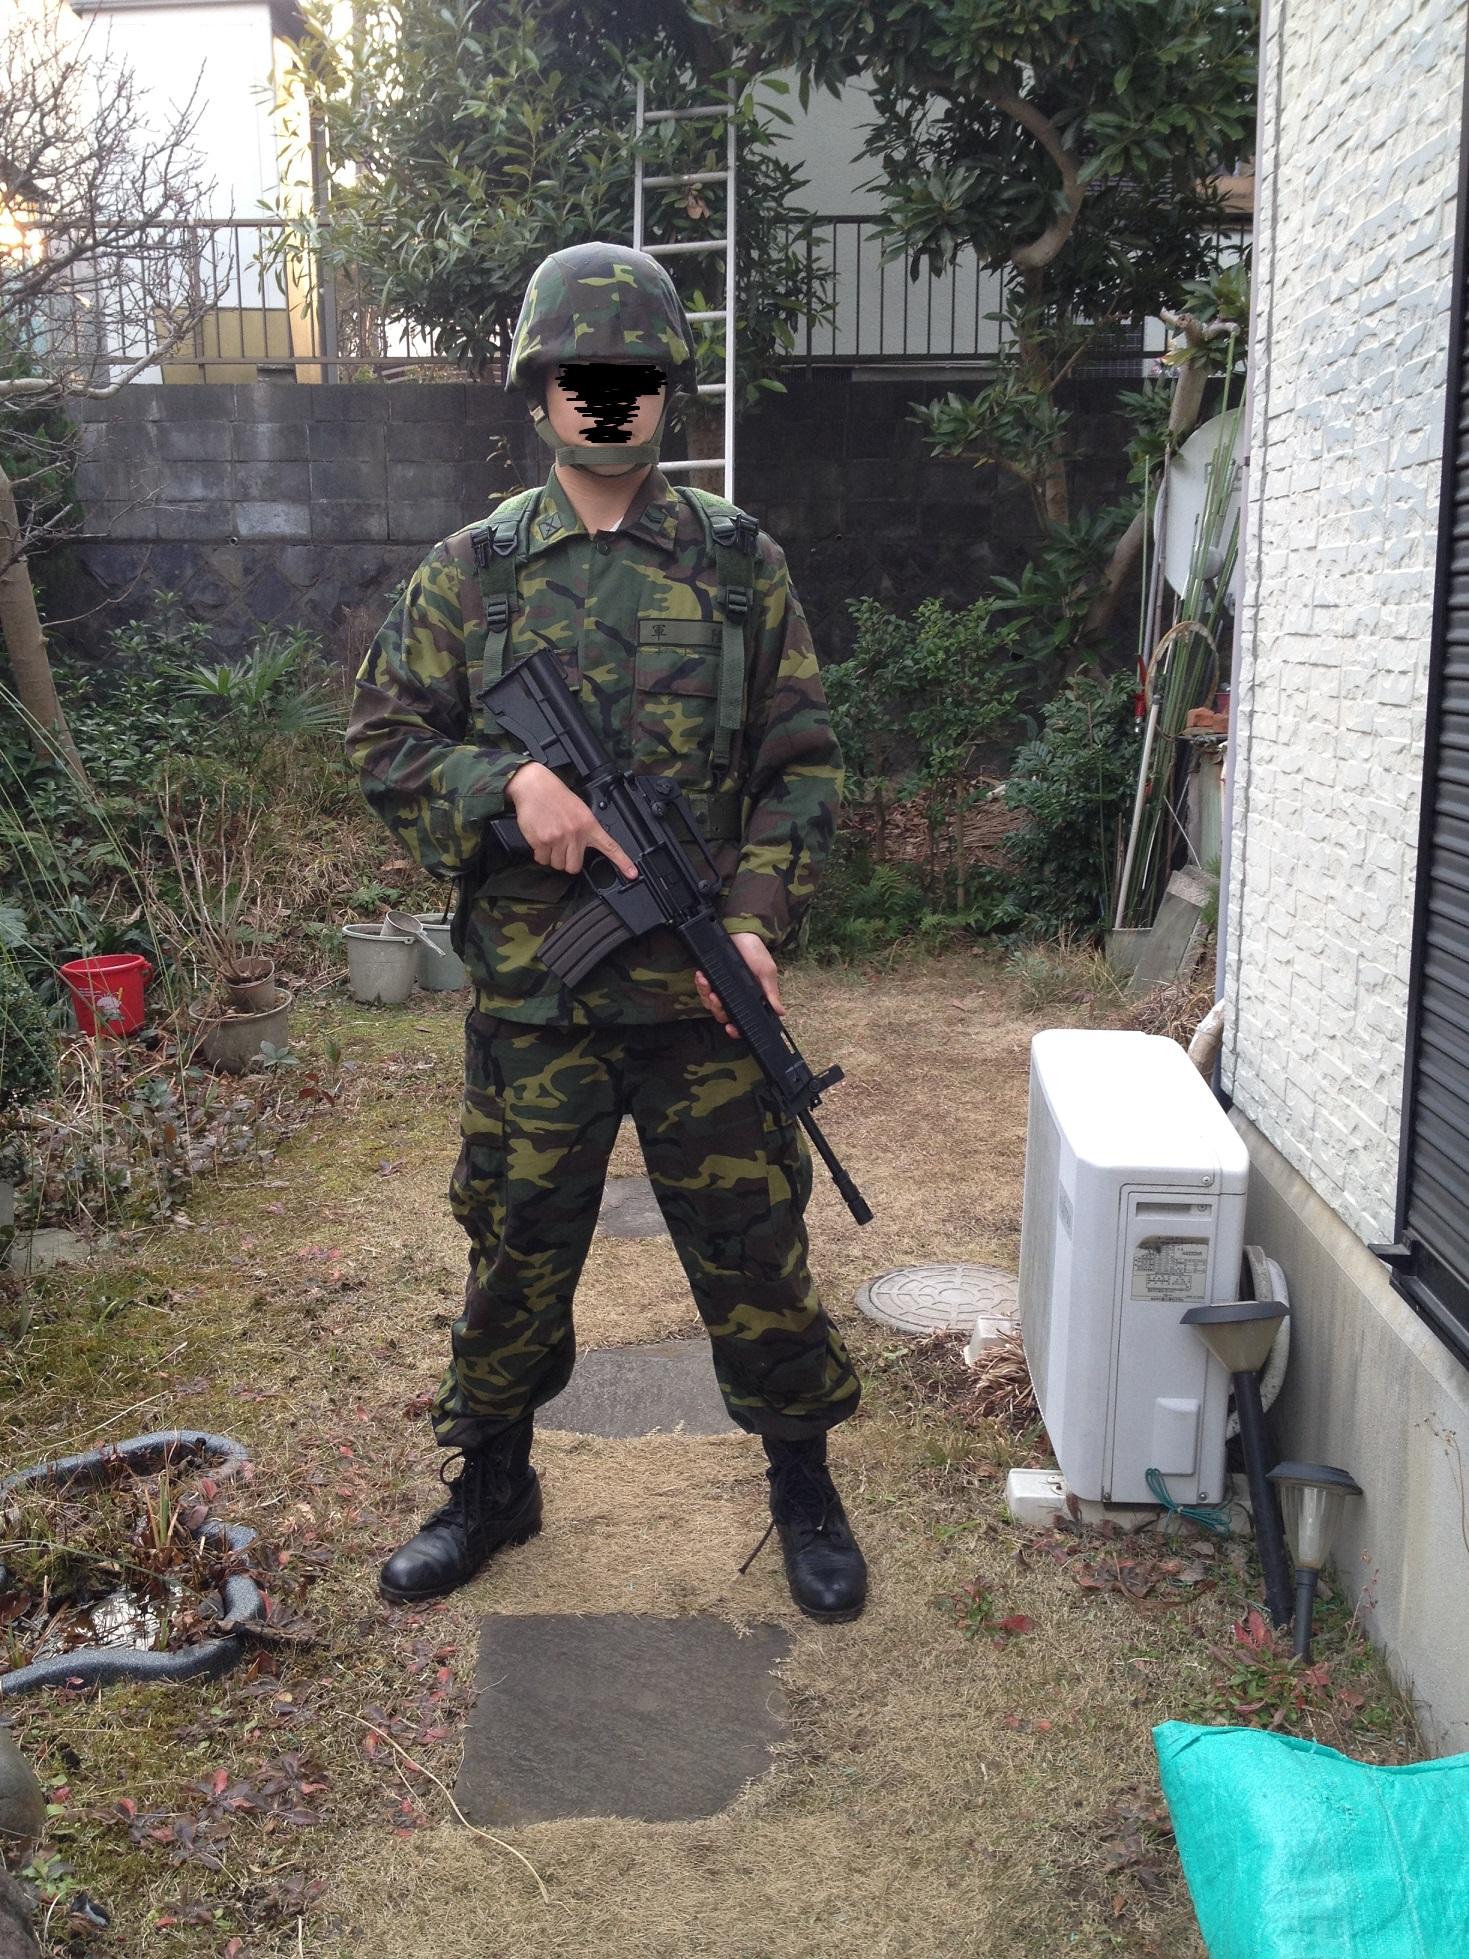 大韓民国国軍とその装備について...